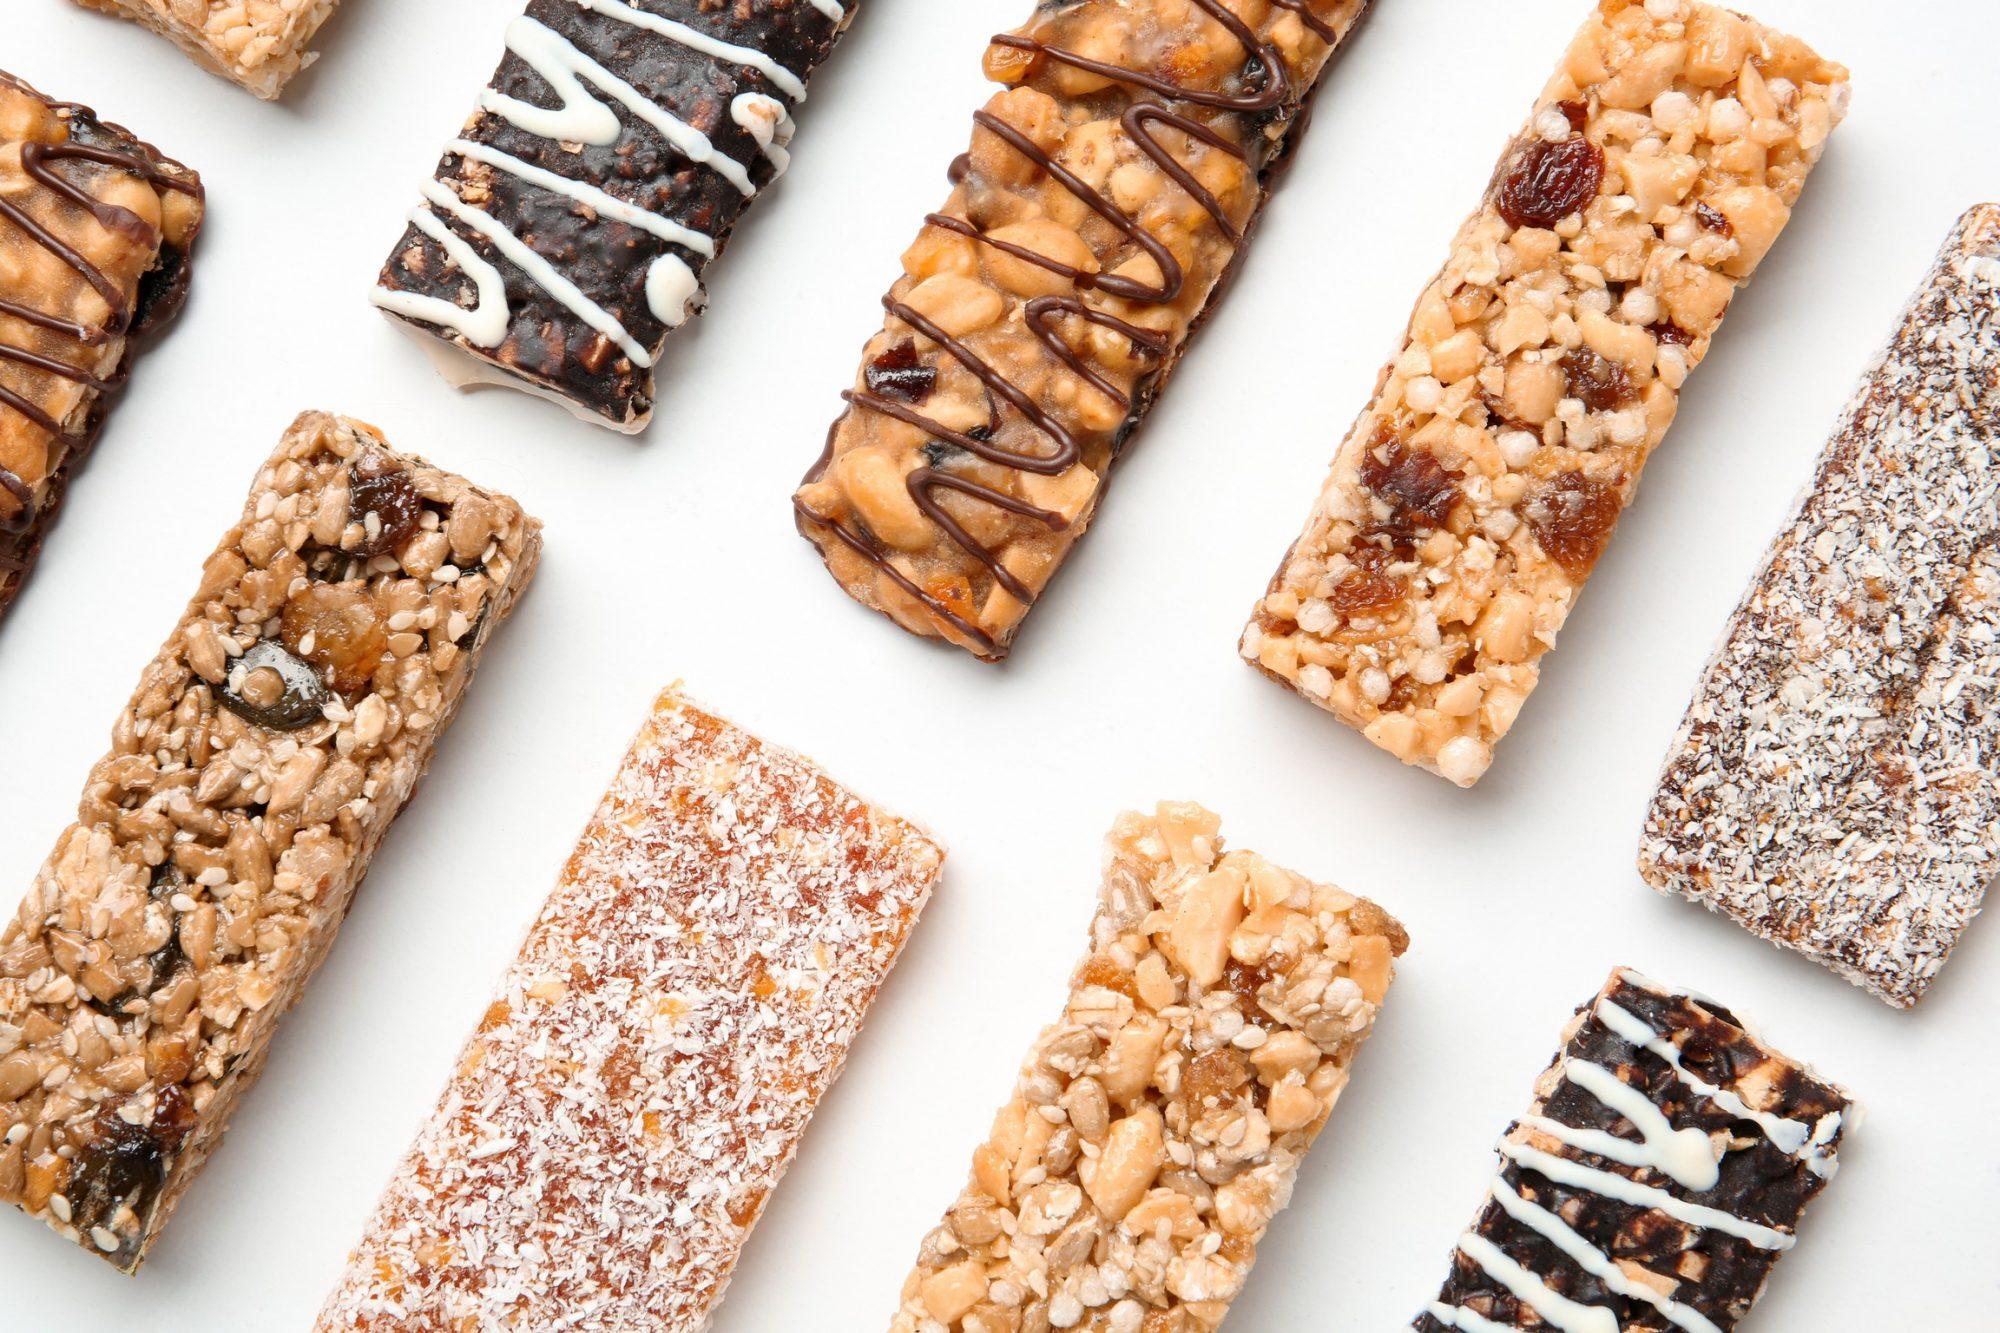 Sustainable Snacks in Phoenix